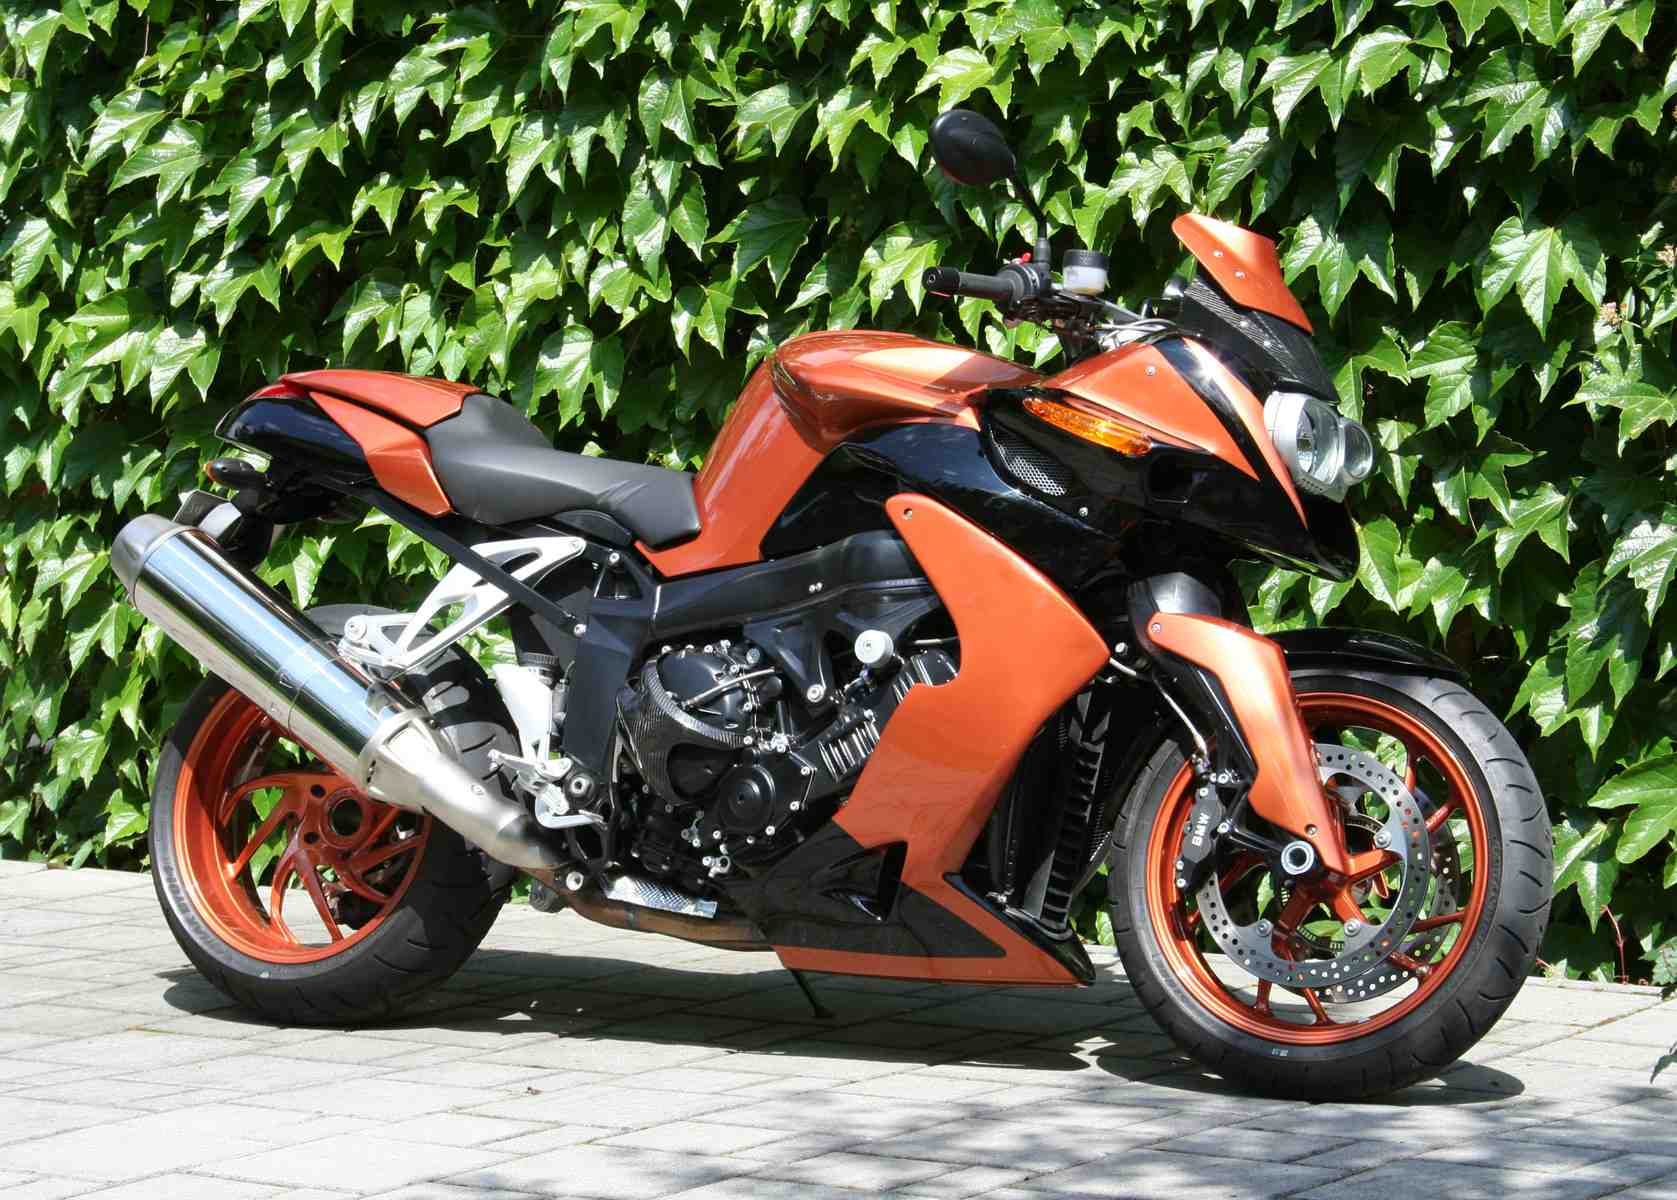 BMW 2002 For Sale >> 2002-2005 BMW K1200GT, K1200R, K1200S Motorcycle Workshop ...